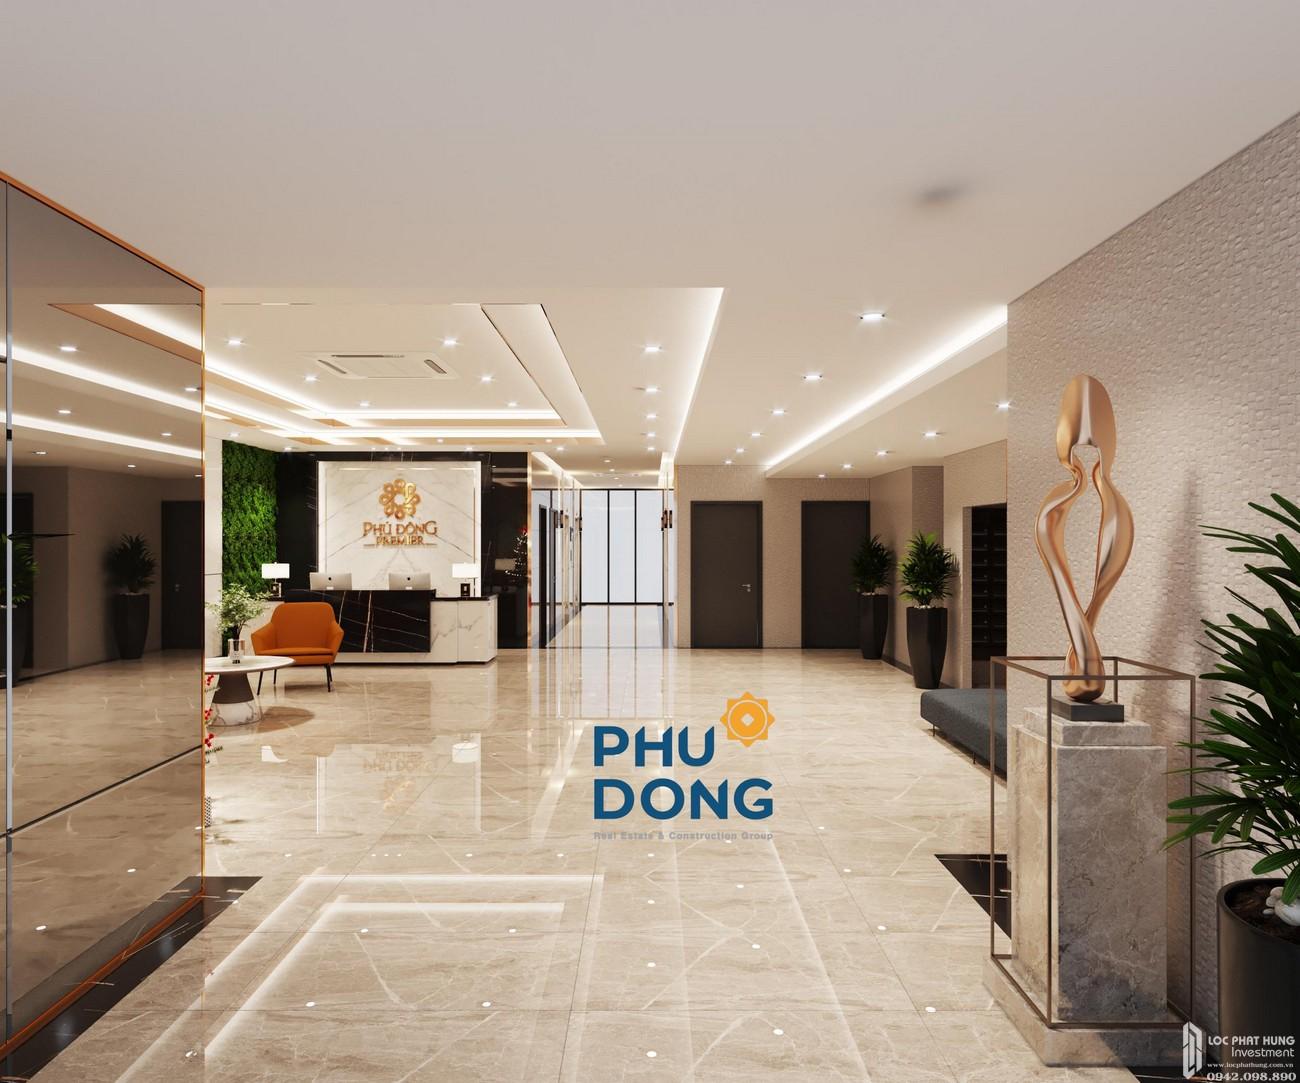 Sảnh dự án căn hộ Phú Đông Premier Bình Dương